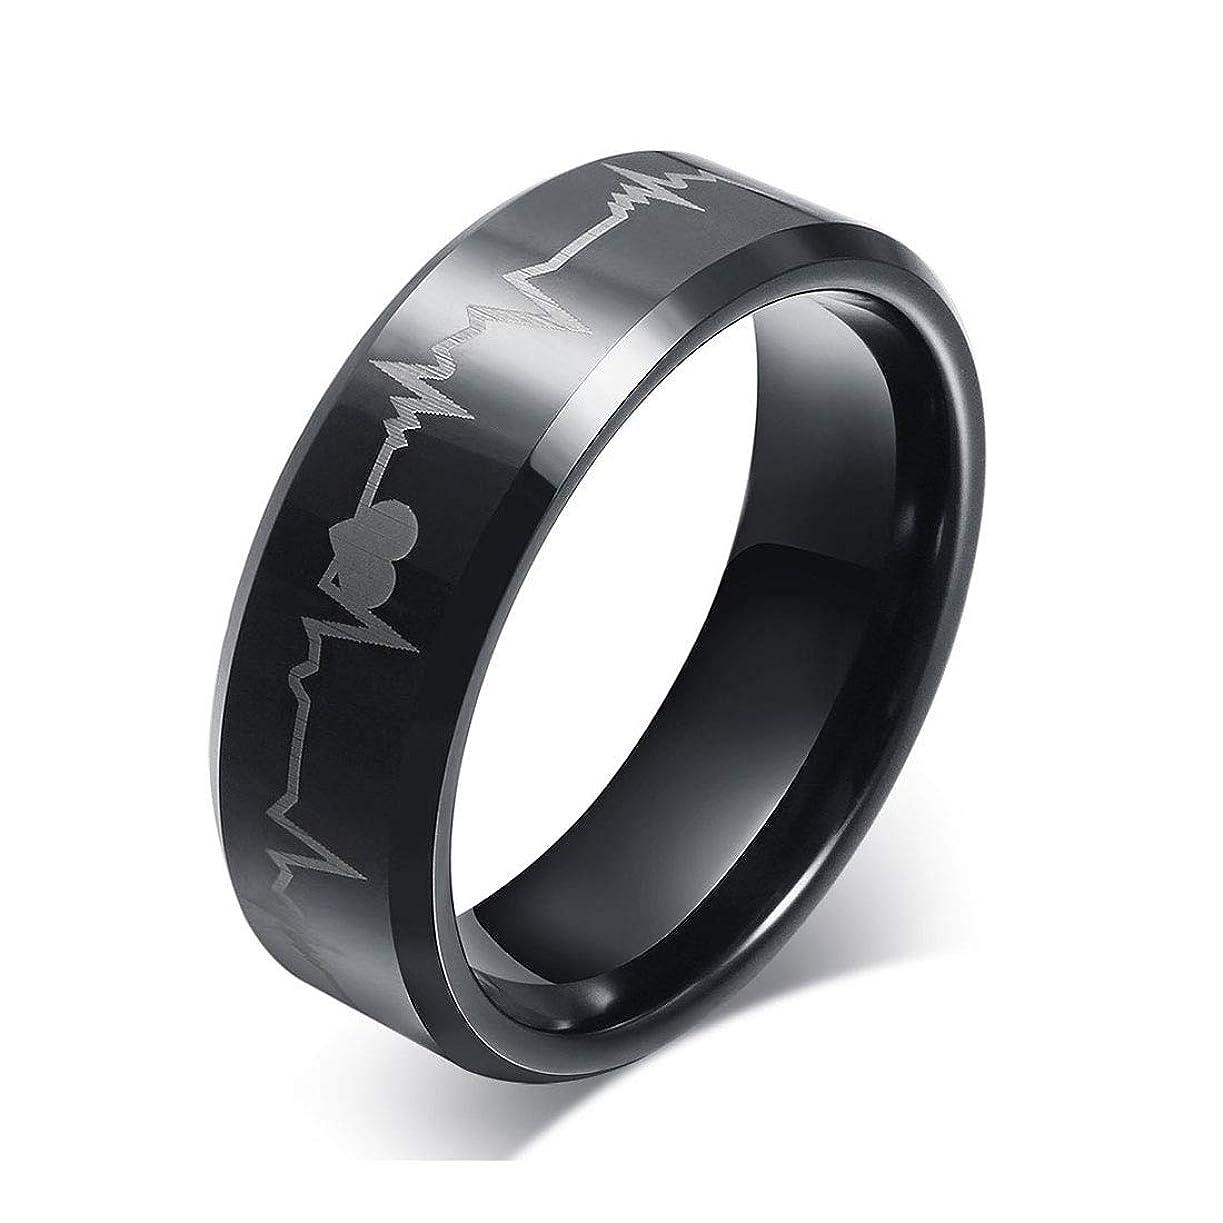 他の場所実行するおそらくRockyu ジュエリー タングステンリング 25 メンズ 指輪 黒 刻印 心電図 幅8㎜ ブラック アクセサリー